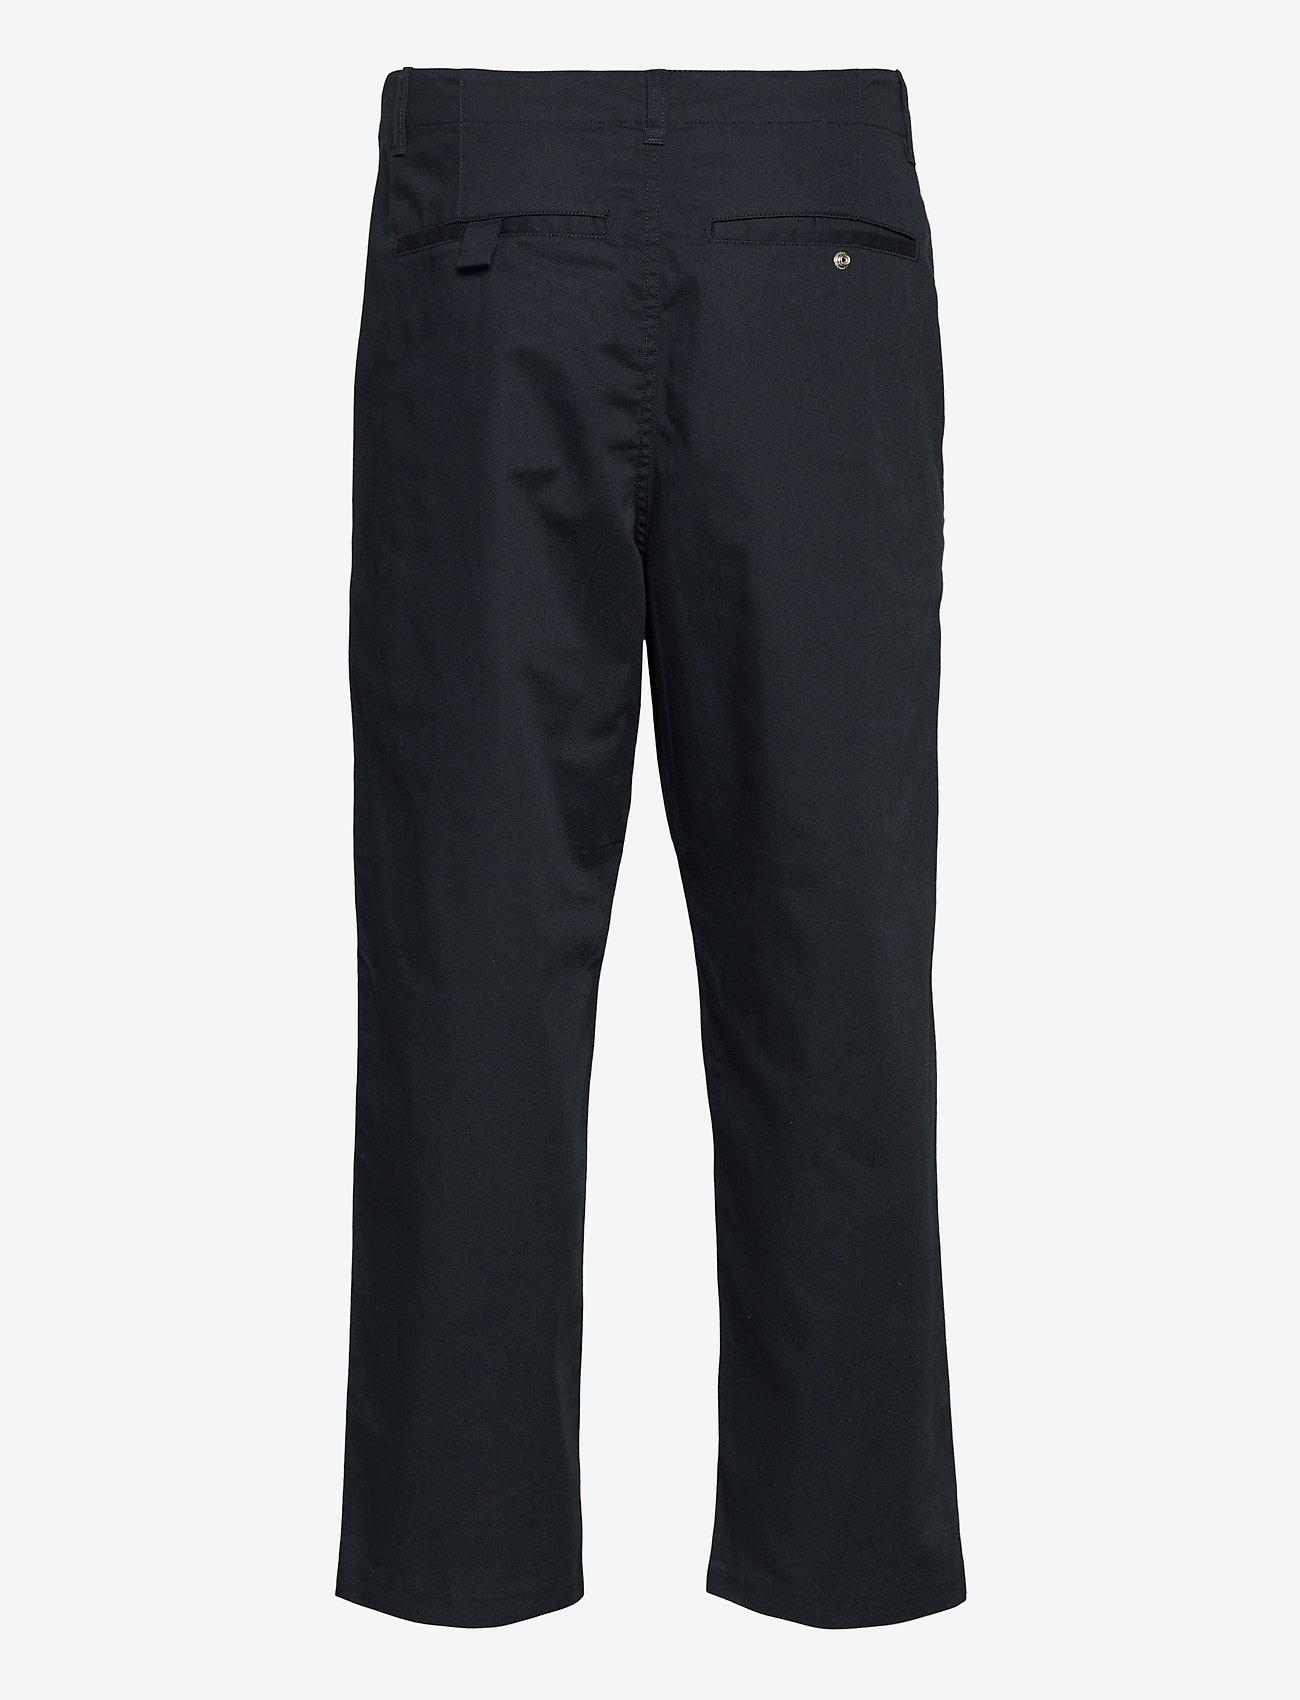 Farah - HAWTIN TWILL TROUSERS - pantalons décontractés - true navy - 1